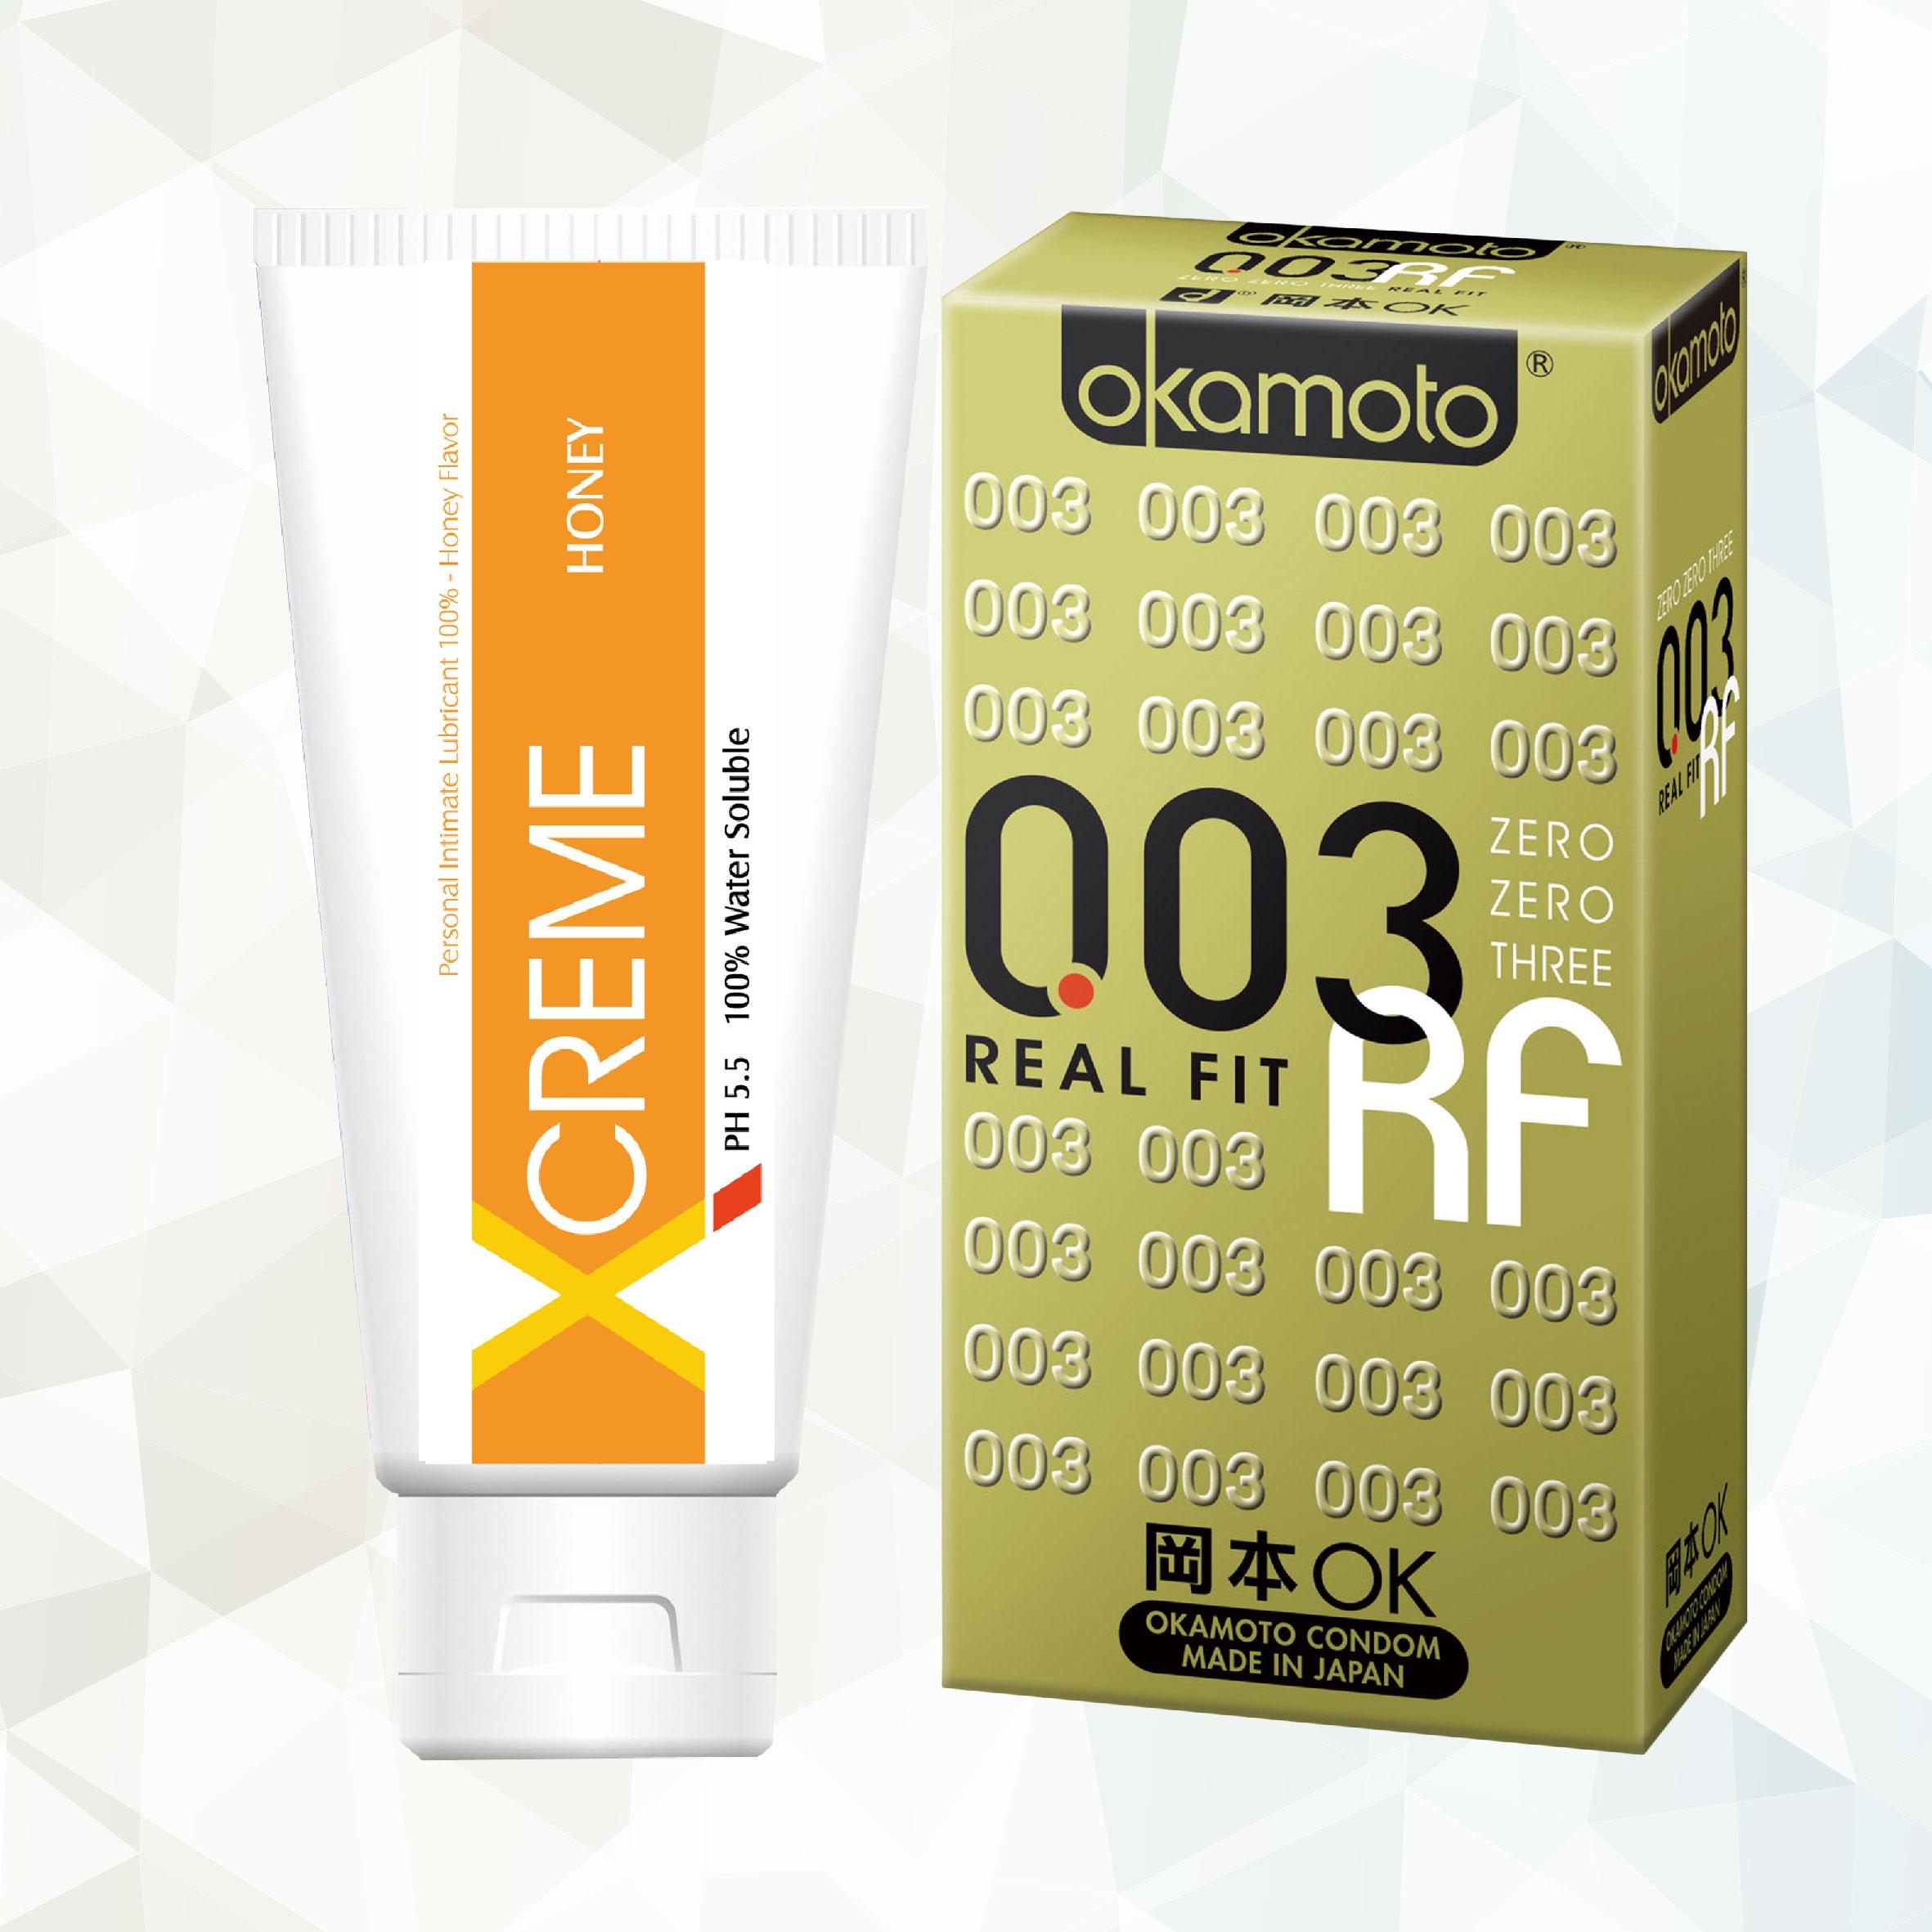 岡本003RF極薄貼身保險套6入裝+XCREME超快感蜜露潤滑液-100ml